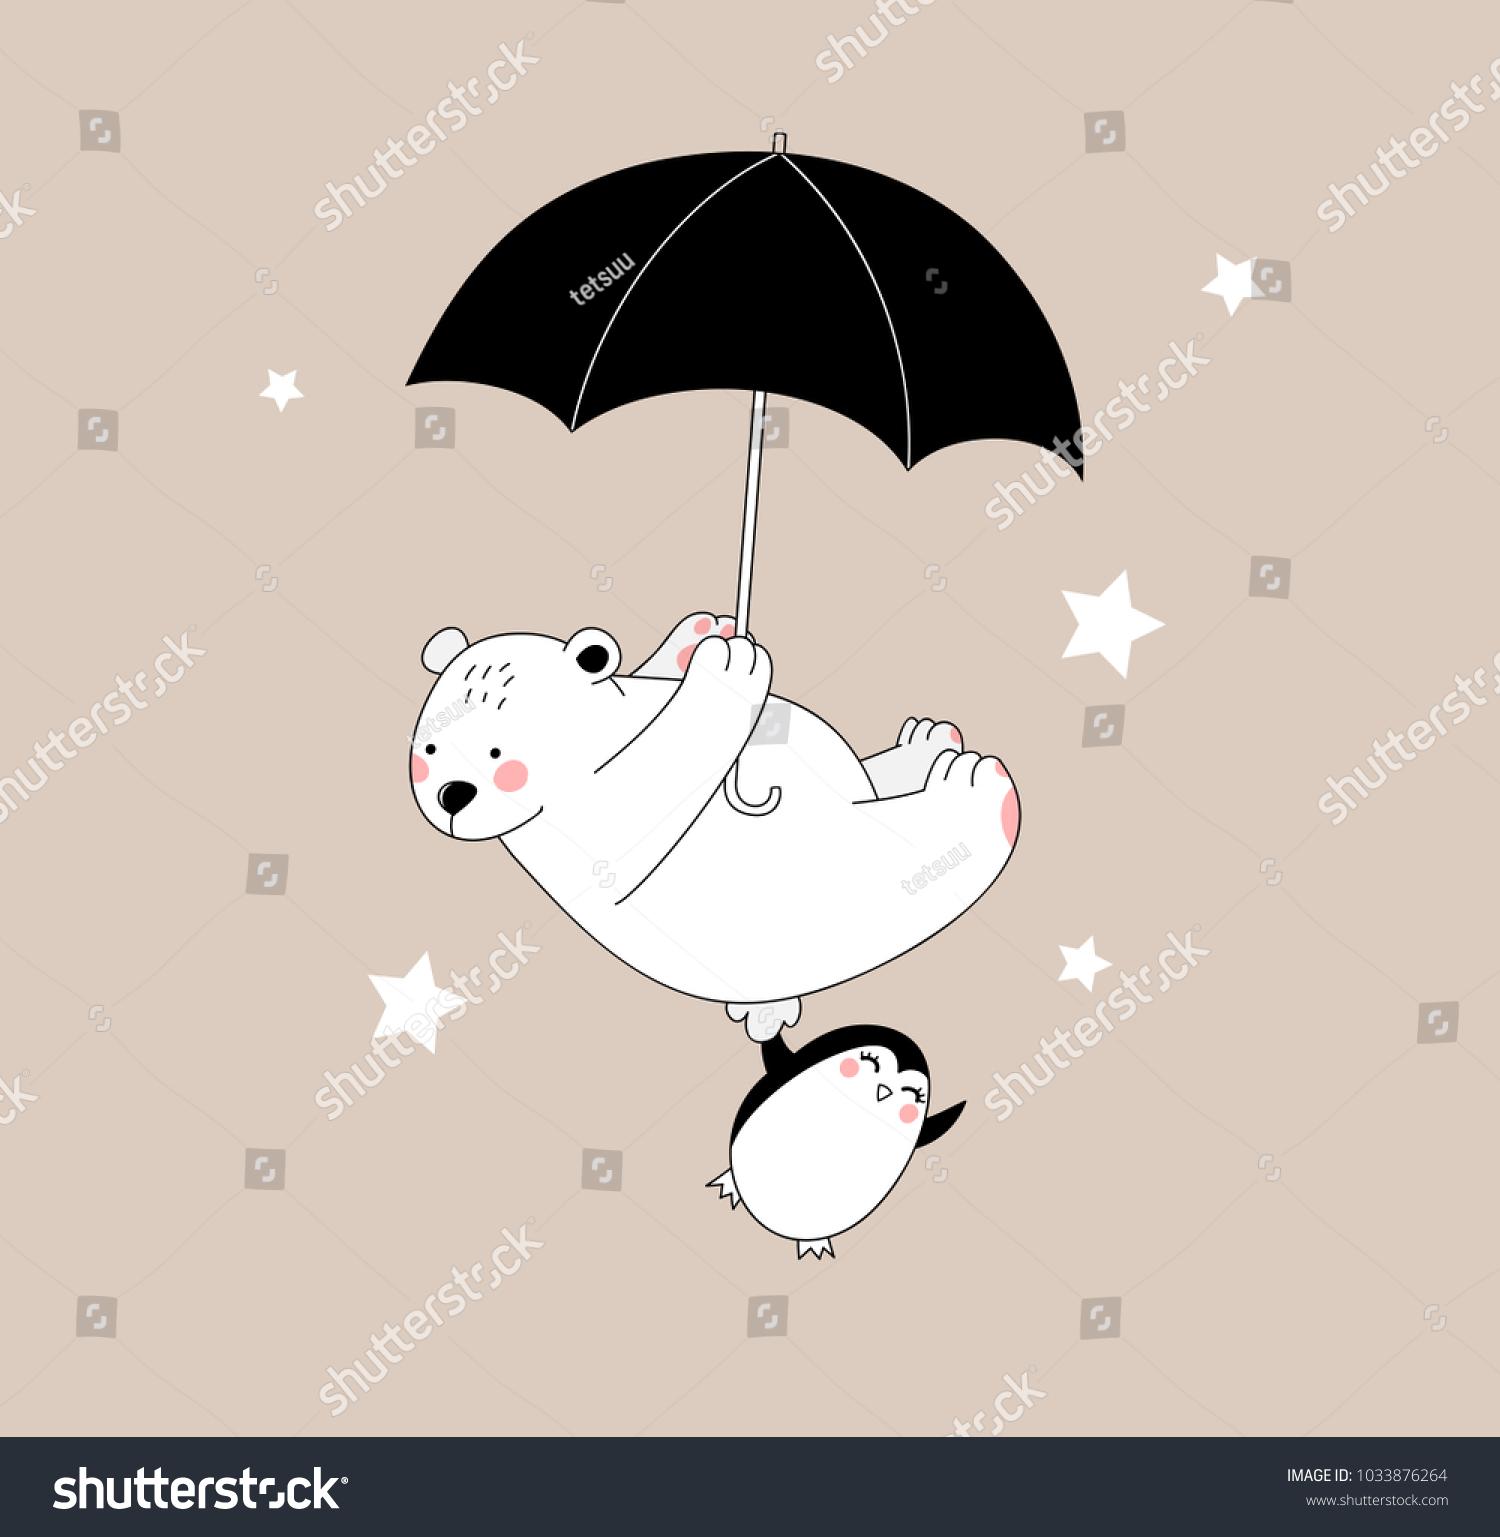 幸せなかわいい白い熊と小さなペンギンが傘を持って飛んでいる 子ども